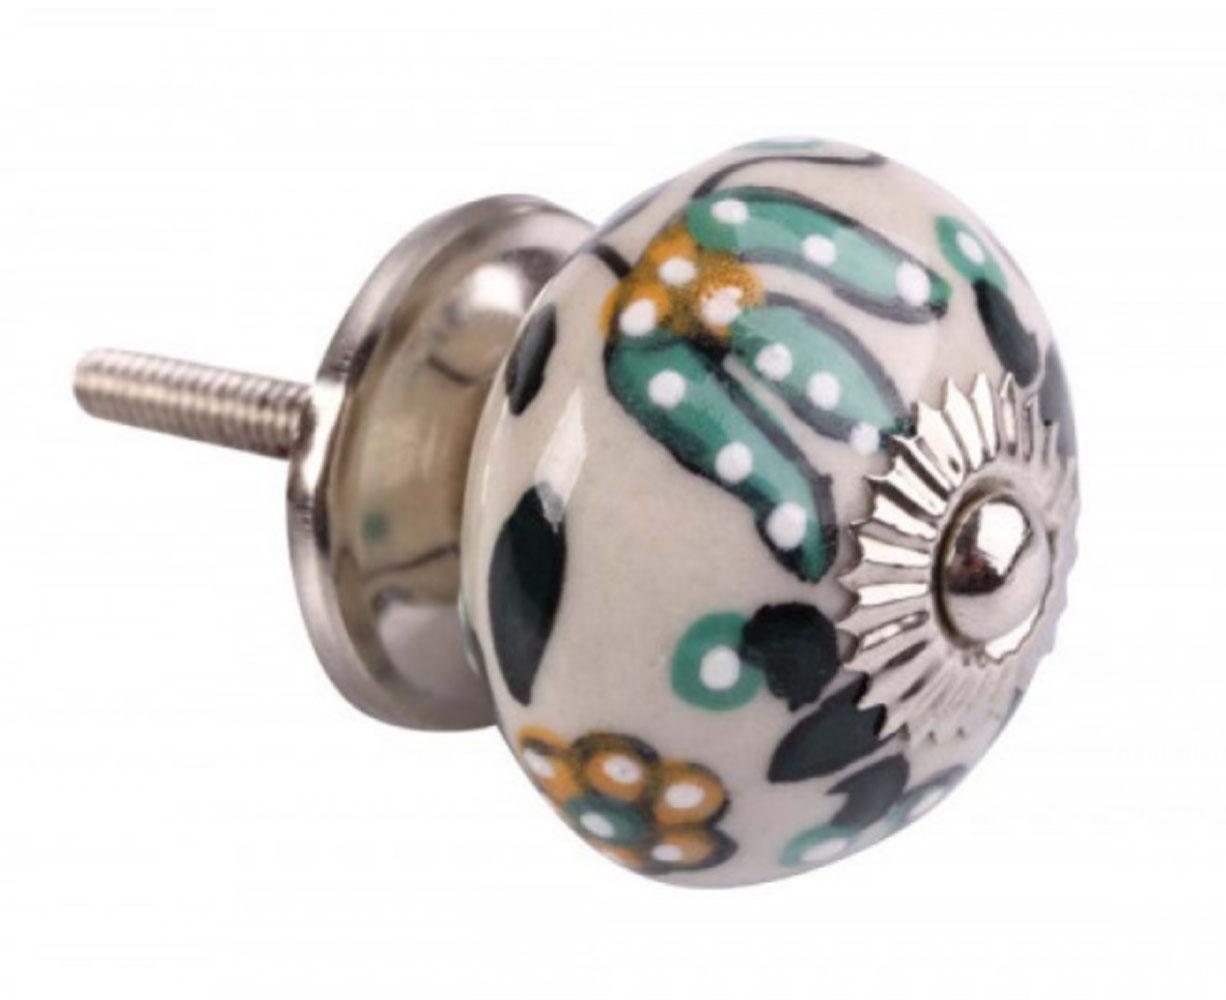 Puxador de Gaveta-Cerâmica-Decorado-Sobrepor-Vênus-3077